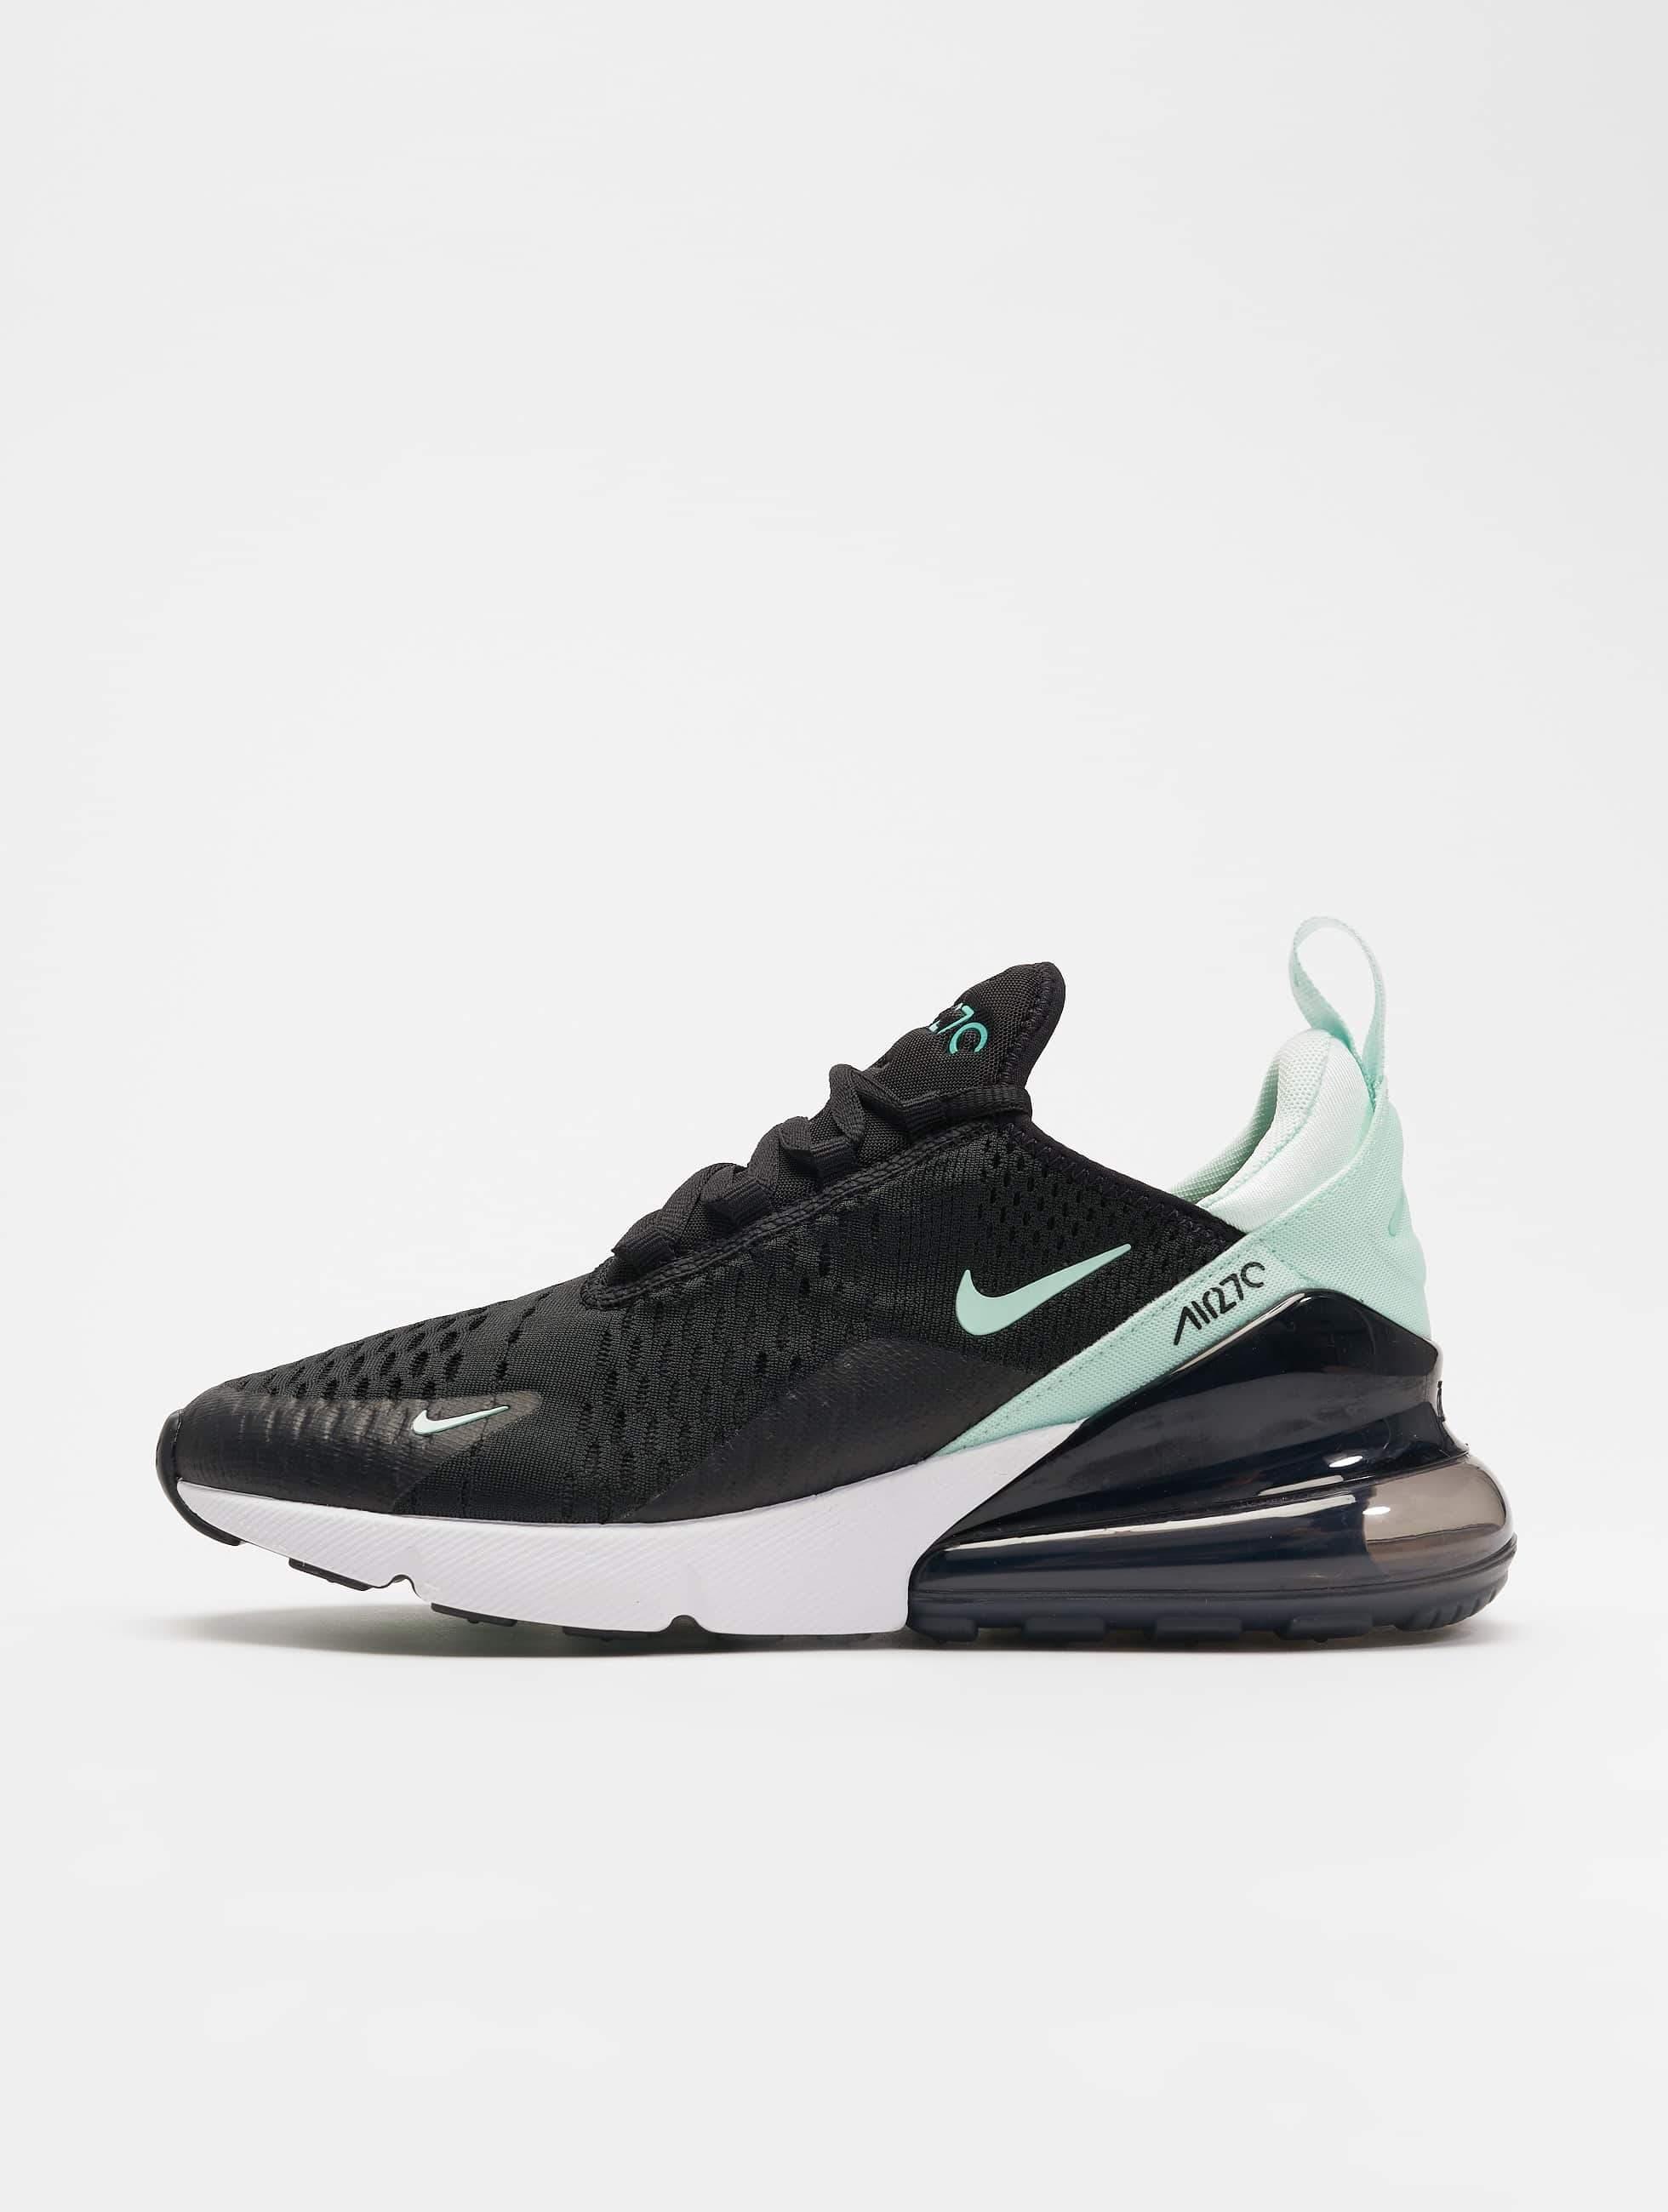 a876d4e3ecc Nike